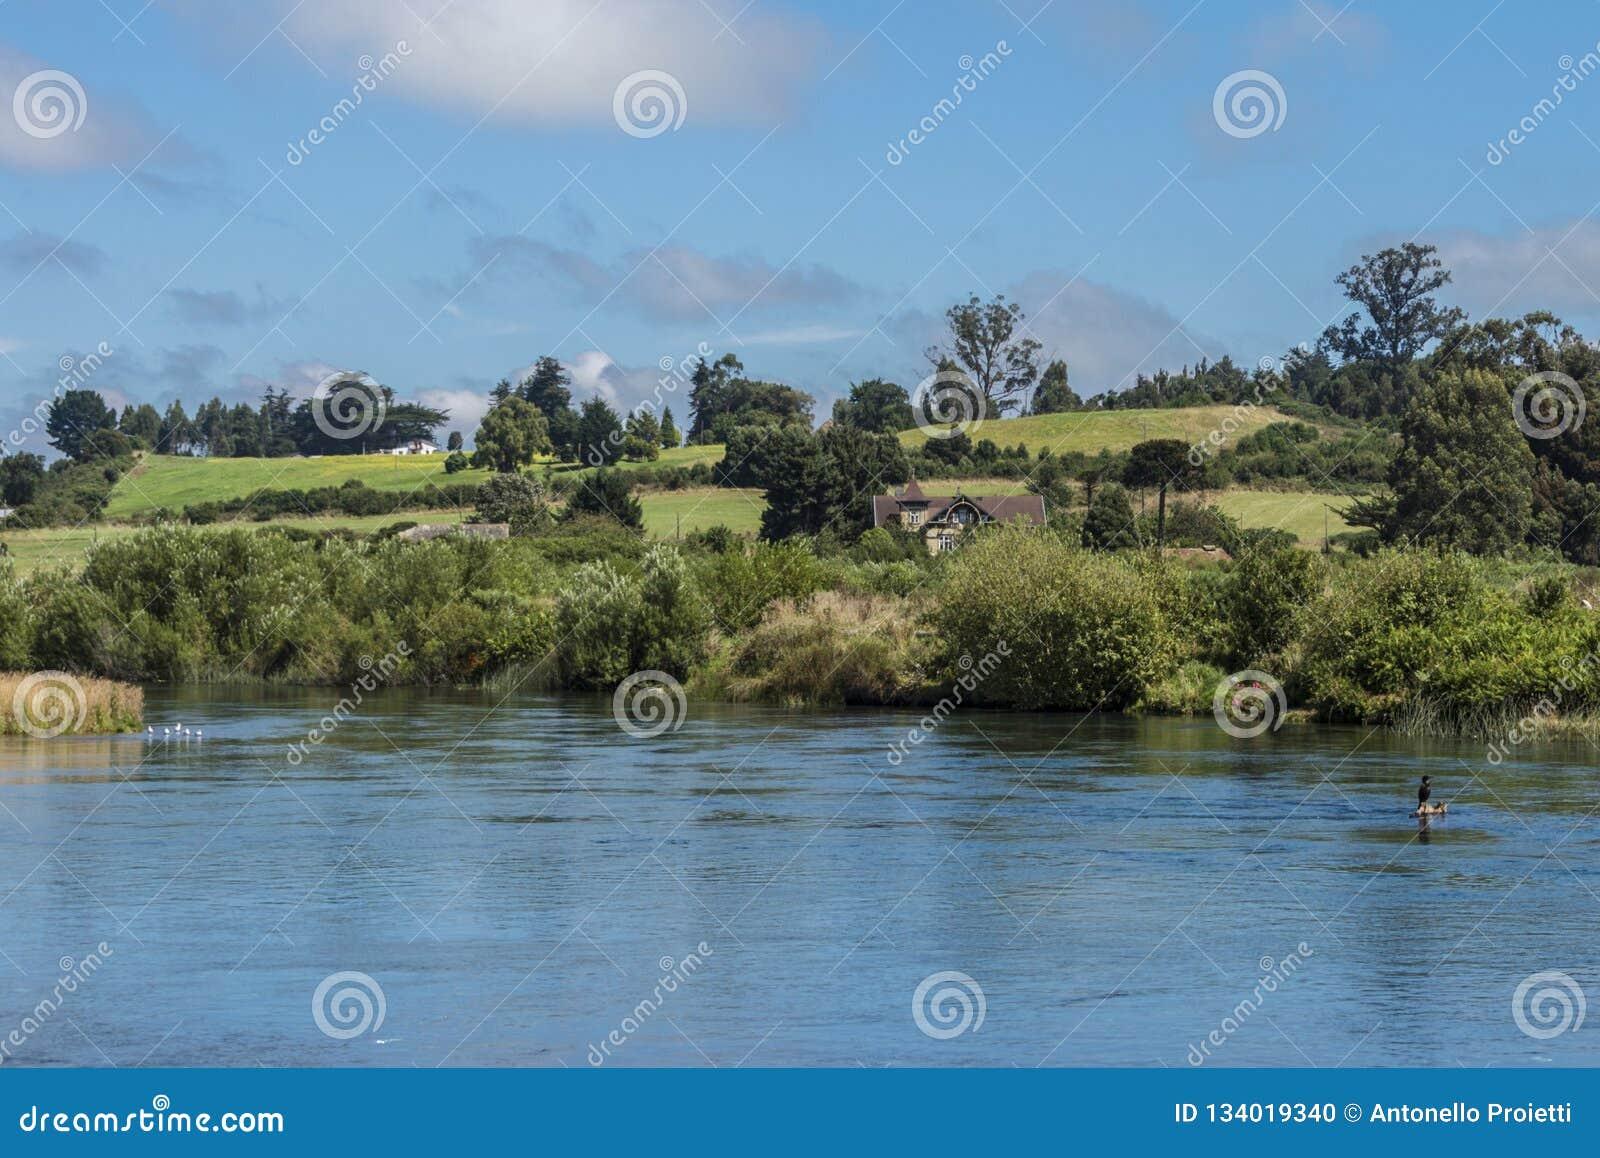 Krajobraz z łąkami i rzeką w południowym Chile